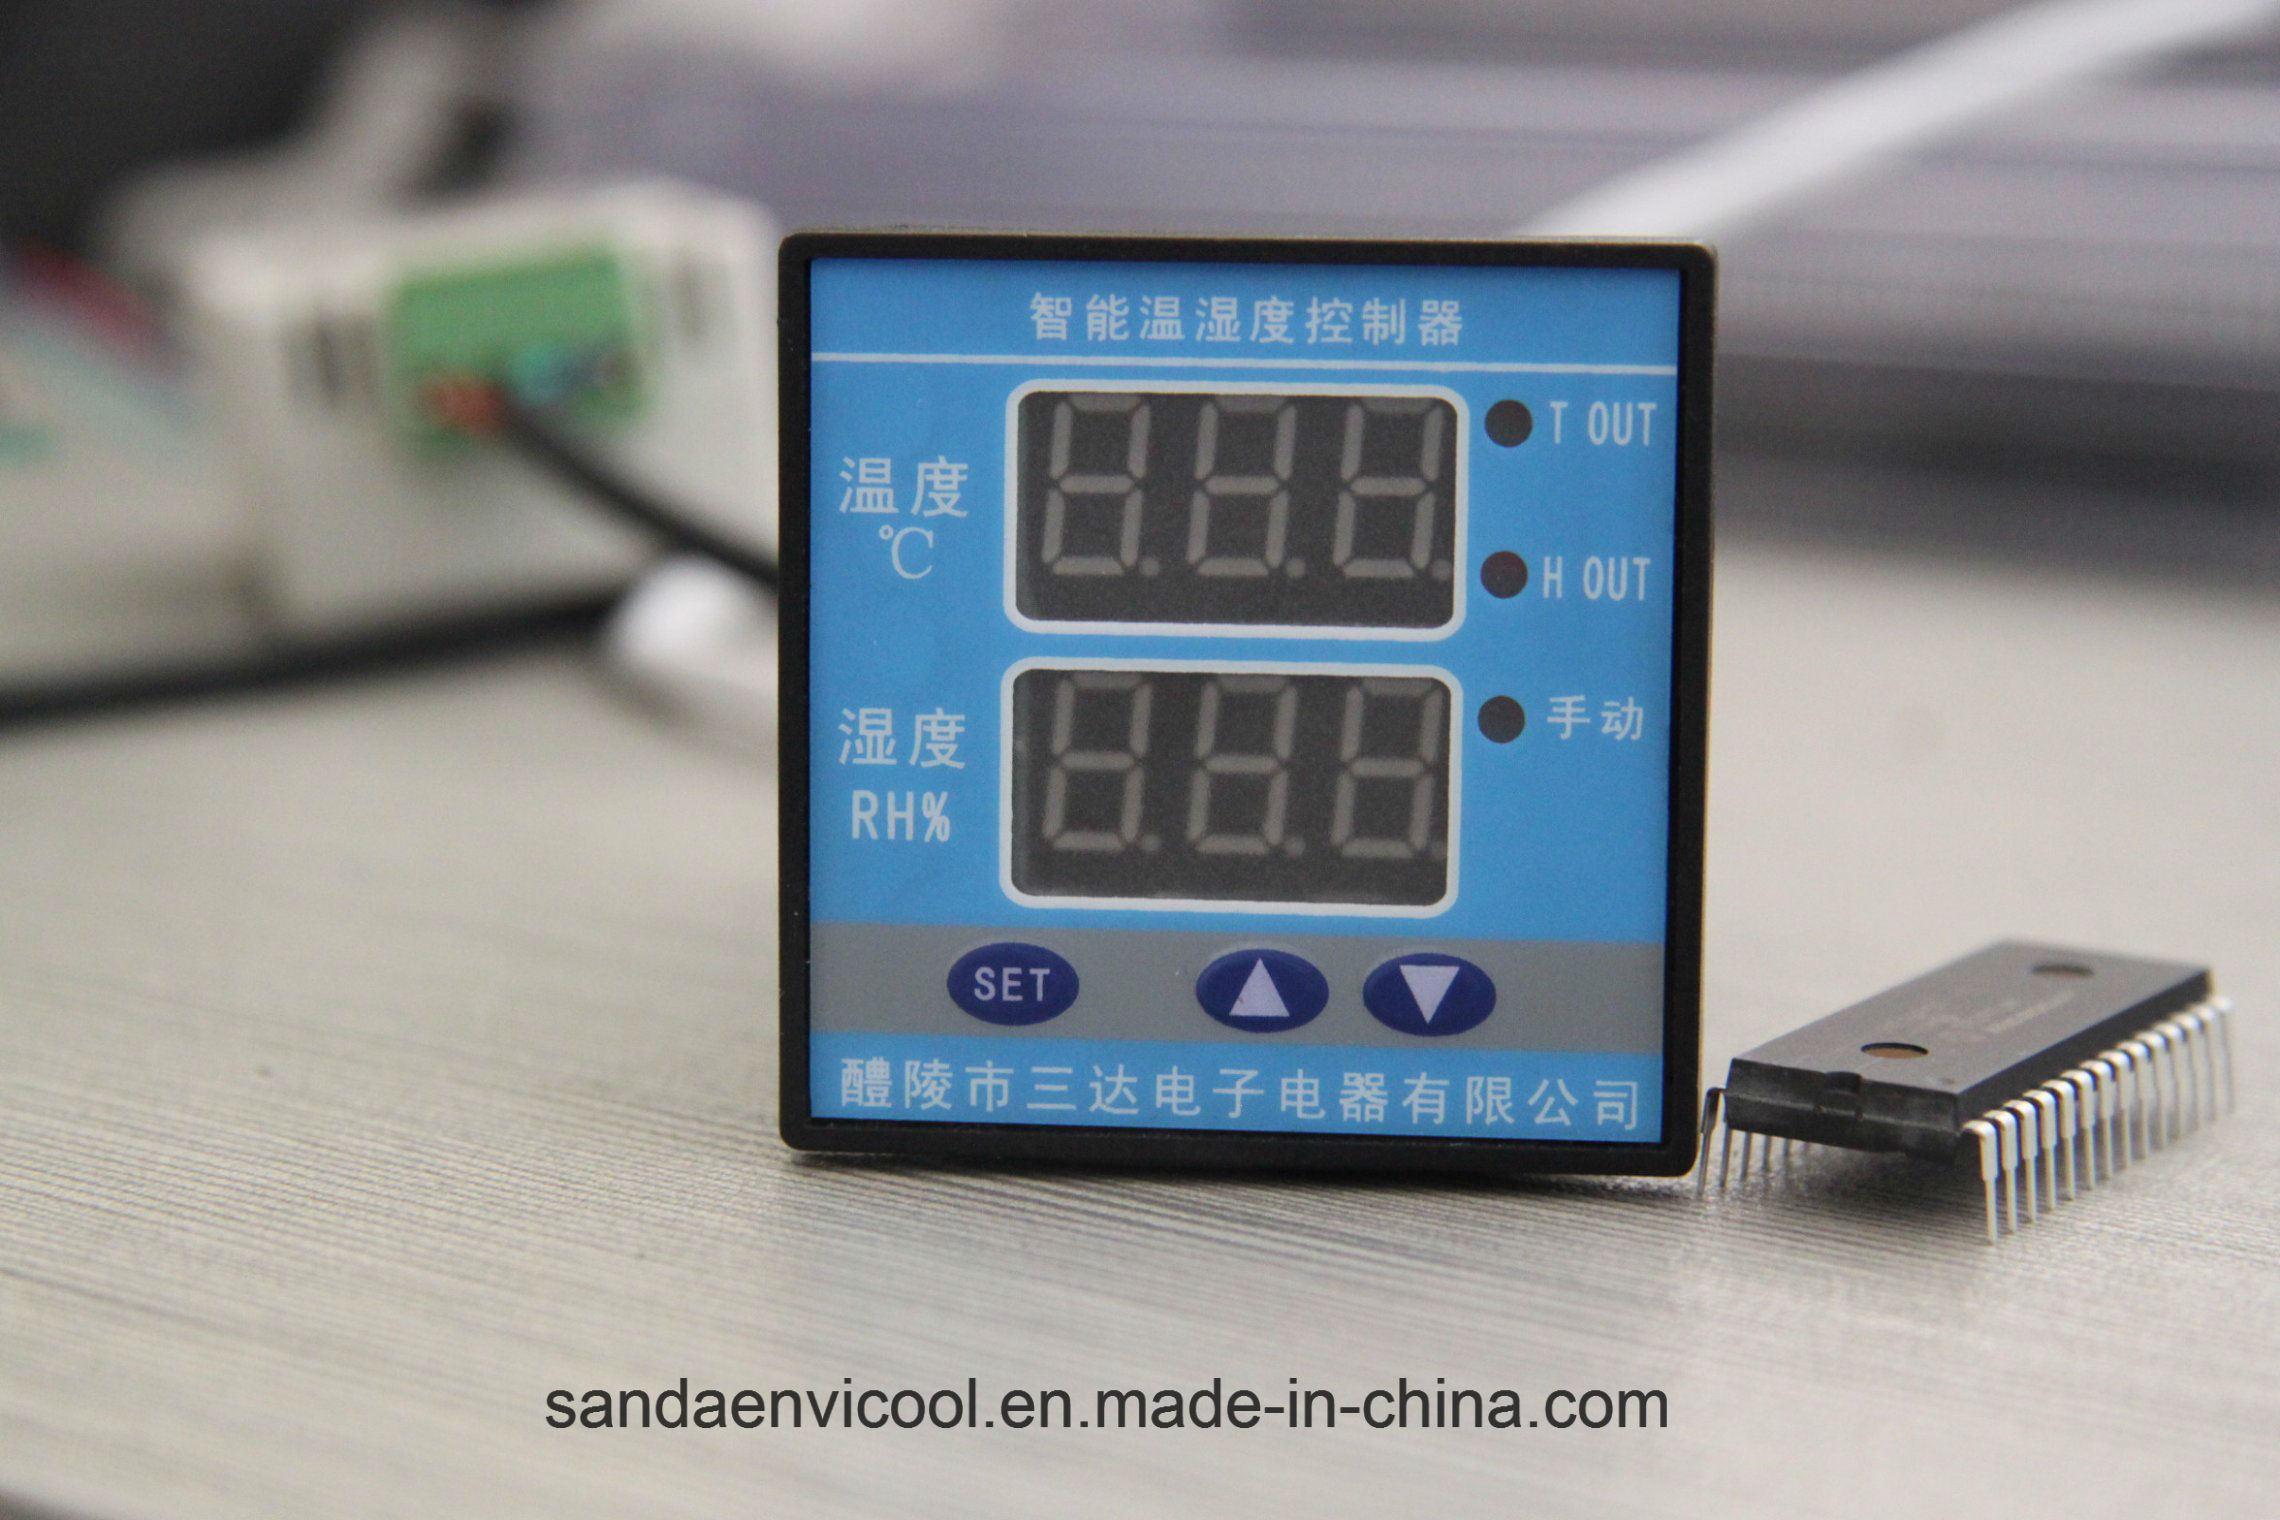 China Rs485 Smart Temperature Rh Controller Used In Eggs Incubator Egg Wiring Diagram Aquarium Humidity